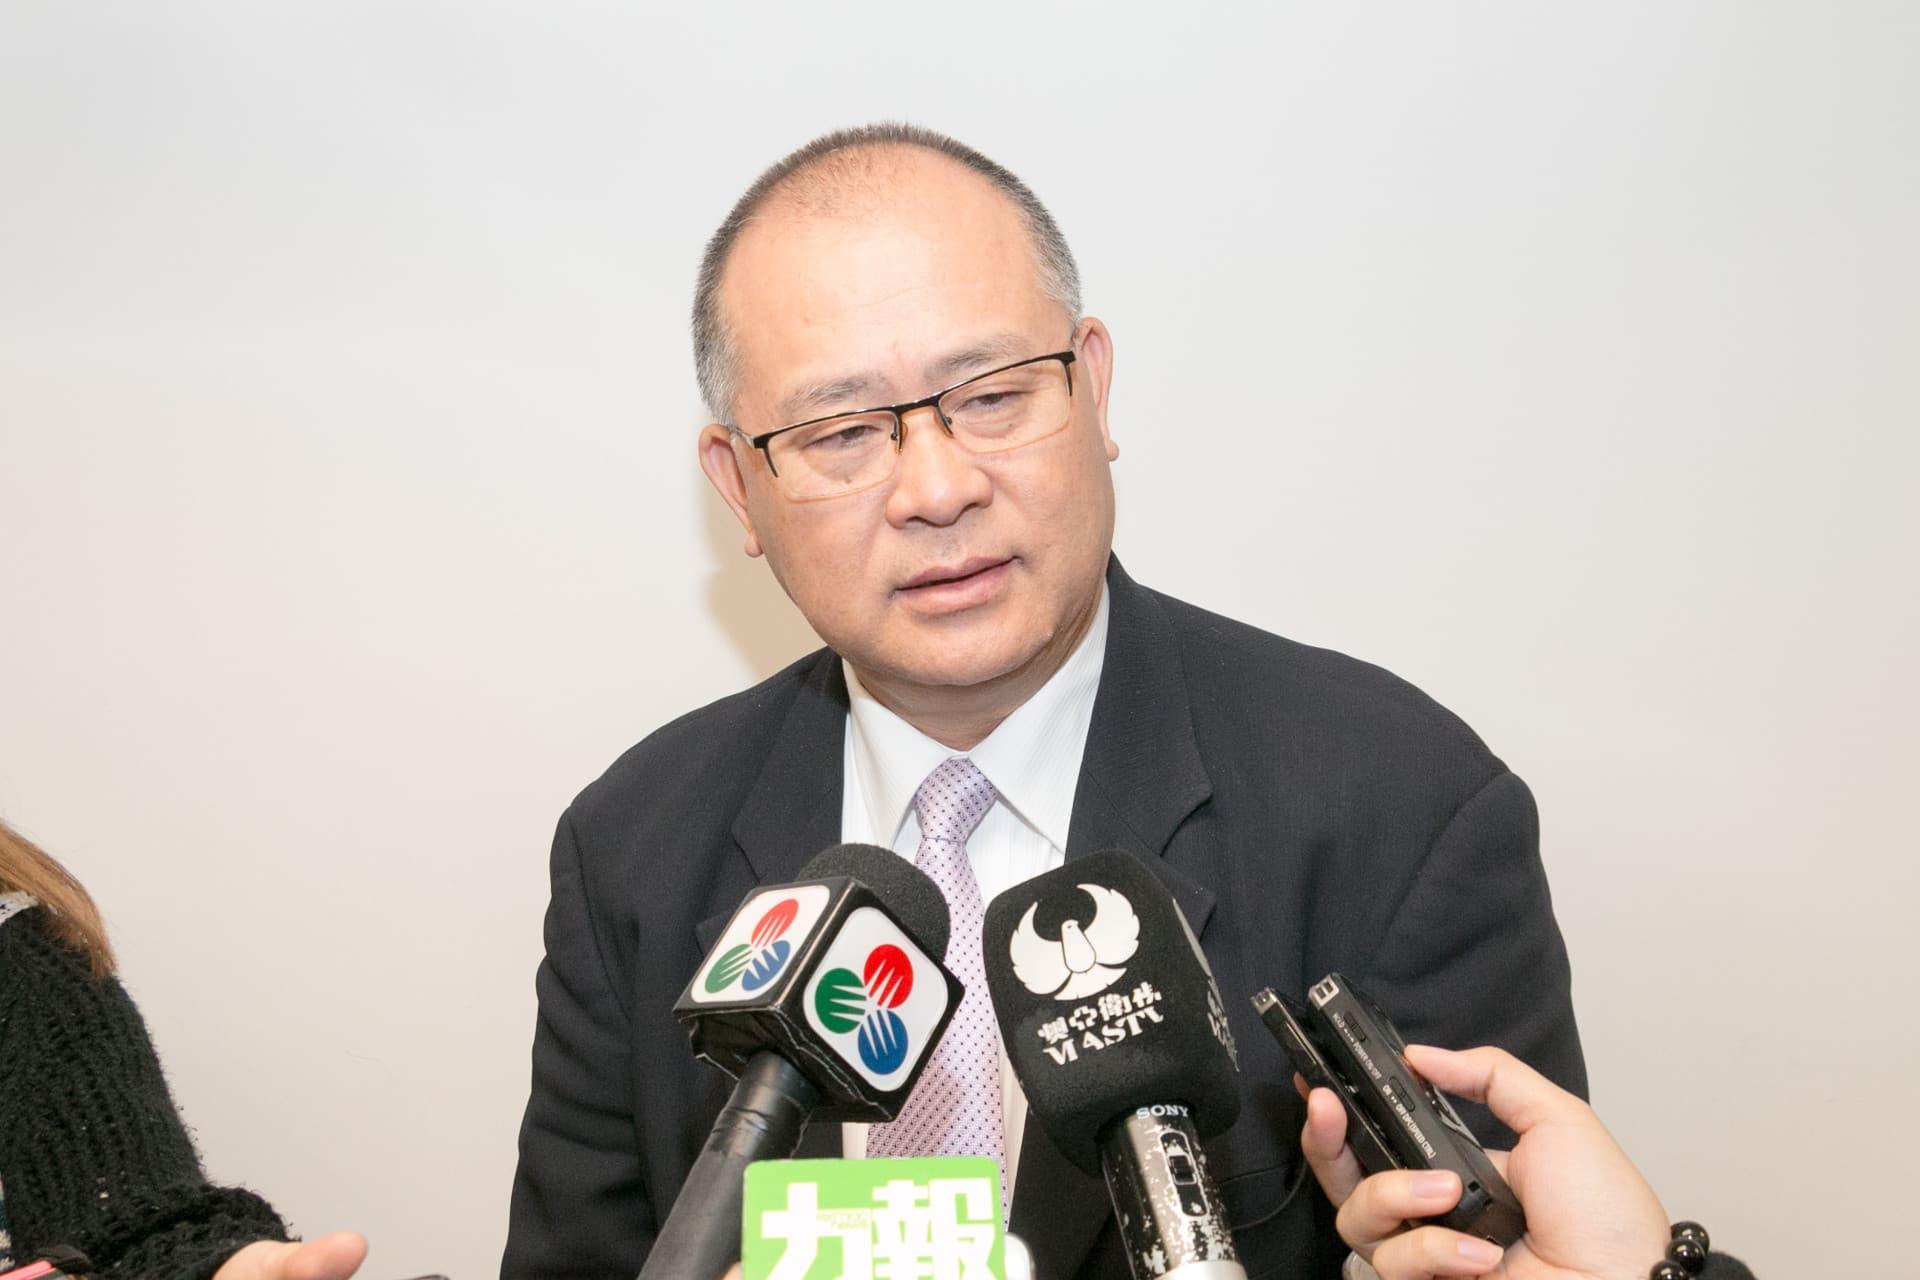 澳門電召服務股份有限公司董事張志民